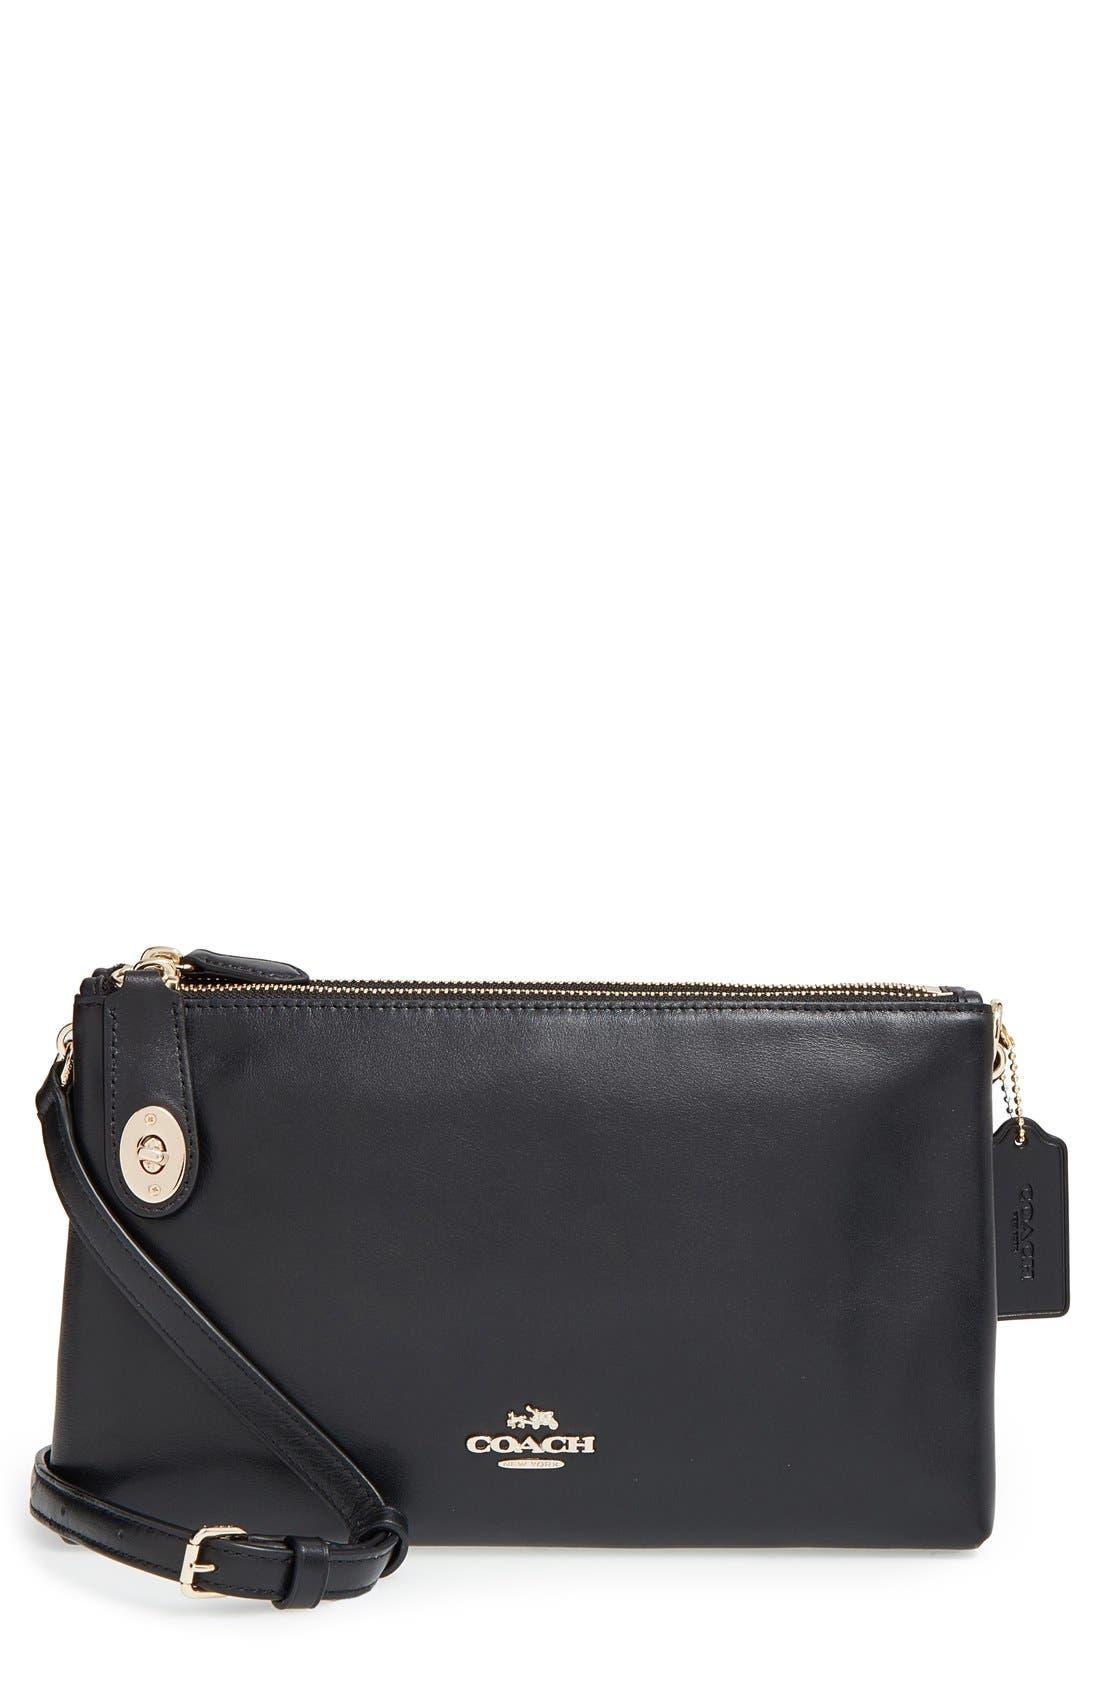 COACH 'Crosby' Crossbody Bag, Main, color, 001